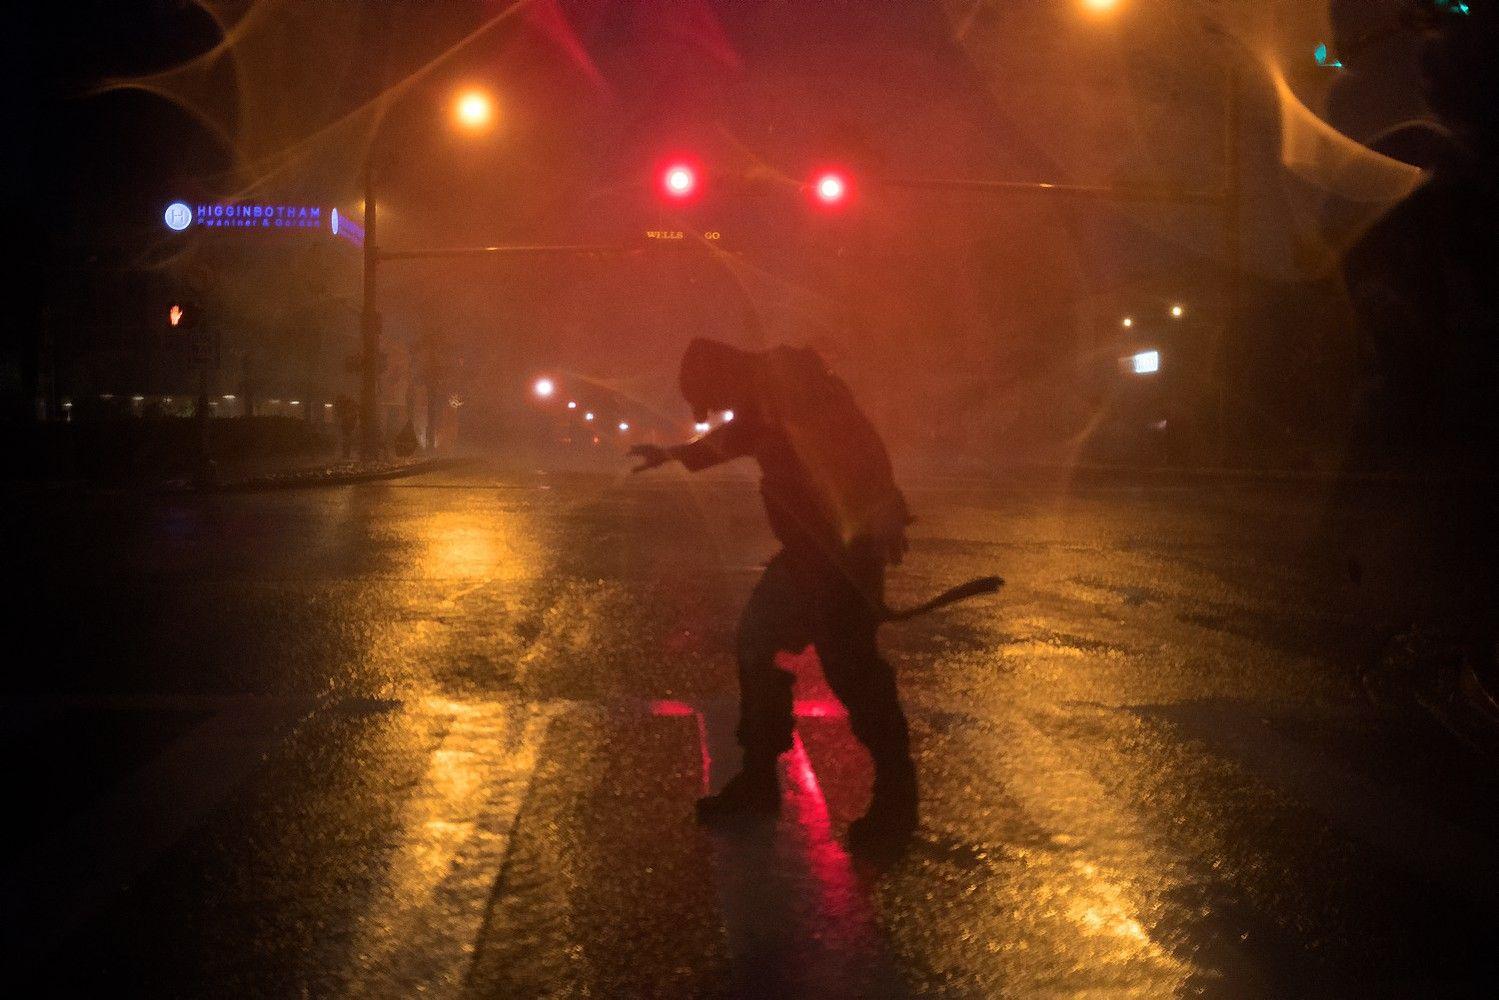 Teksasą siaubia uraganas Harvey